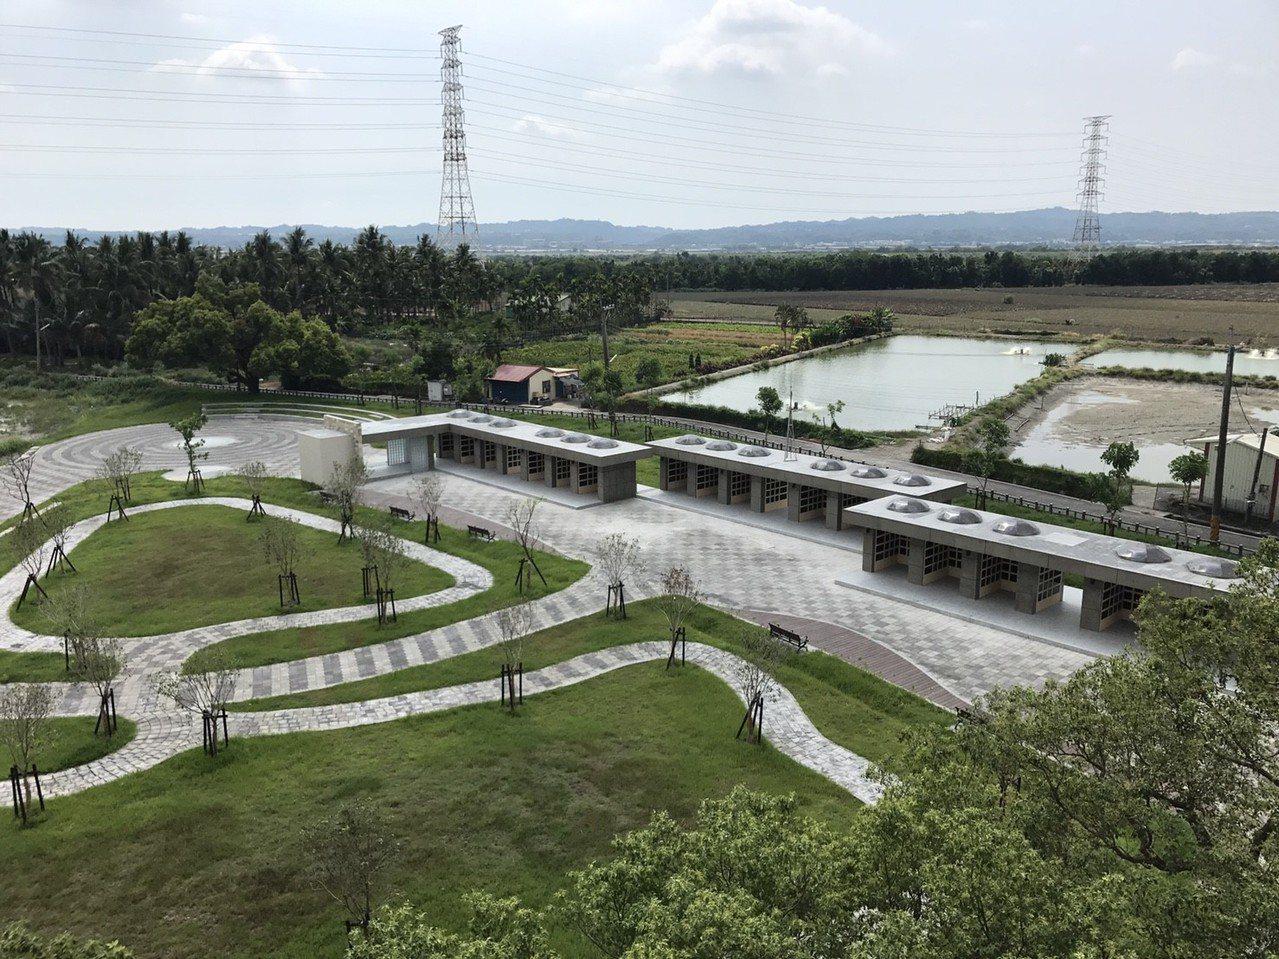 屏東市公所在歸園推出2.5公頃的環保葬區,才剛推出,就有不少人詢問。 圖/屏東市...